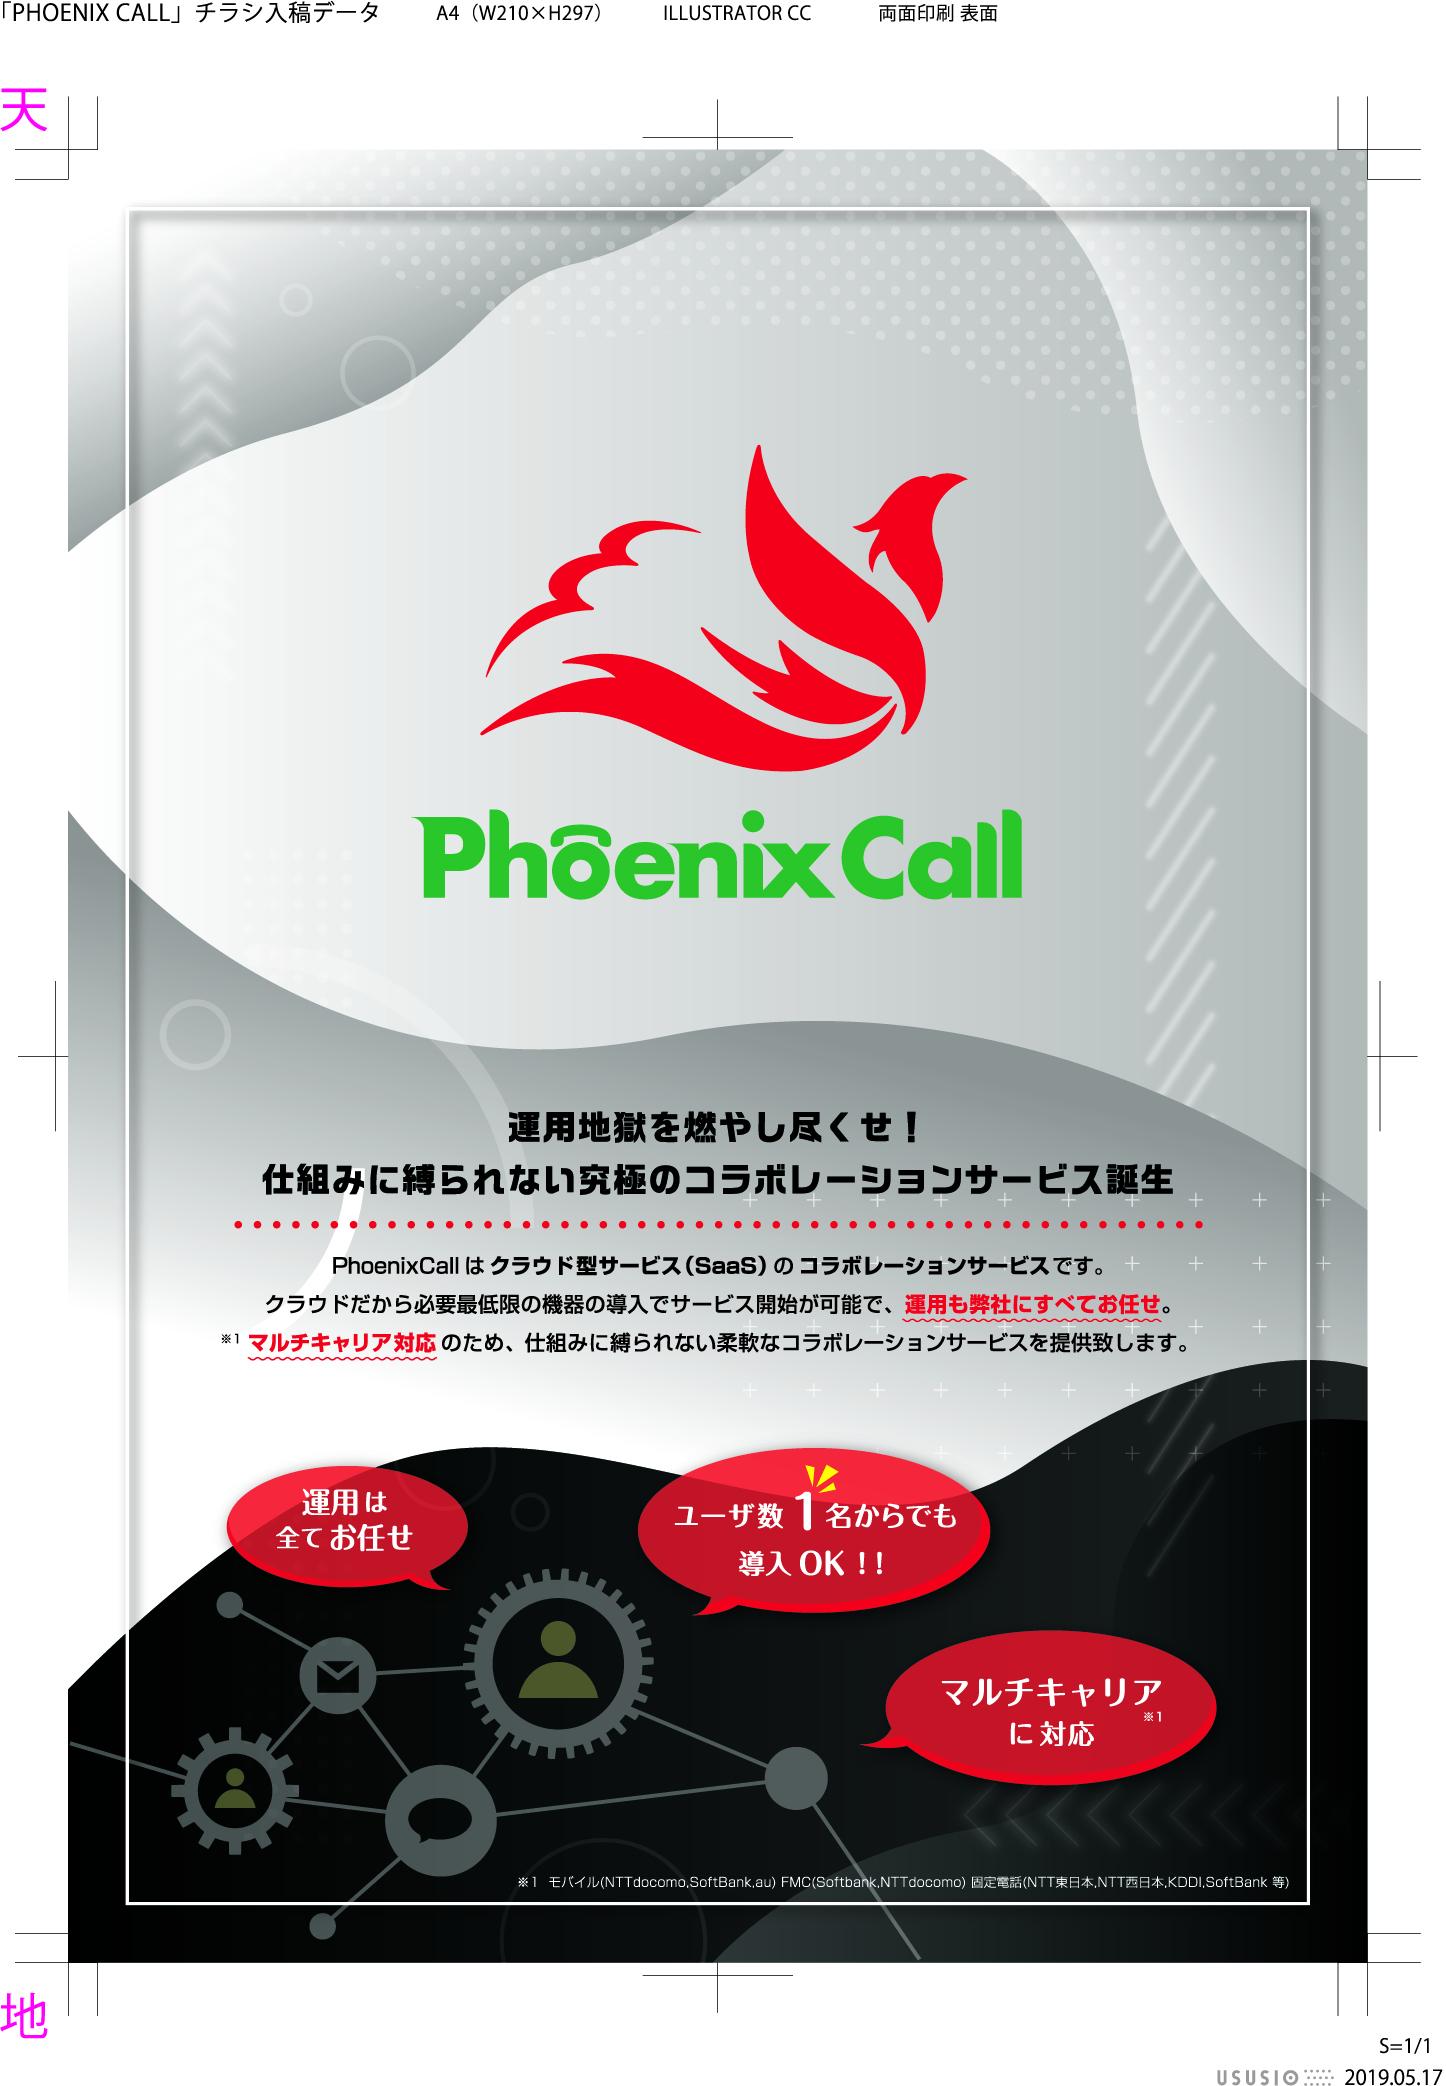 クラウド型Cisco UCM提供サービス Phoenix Call